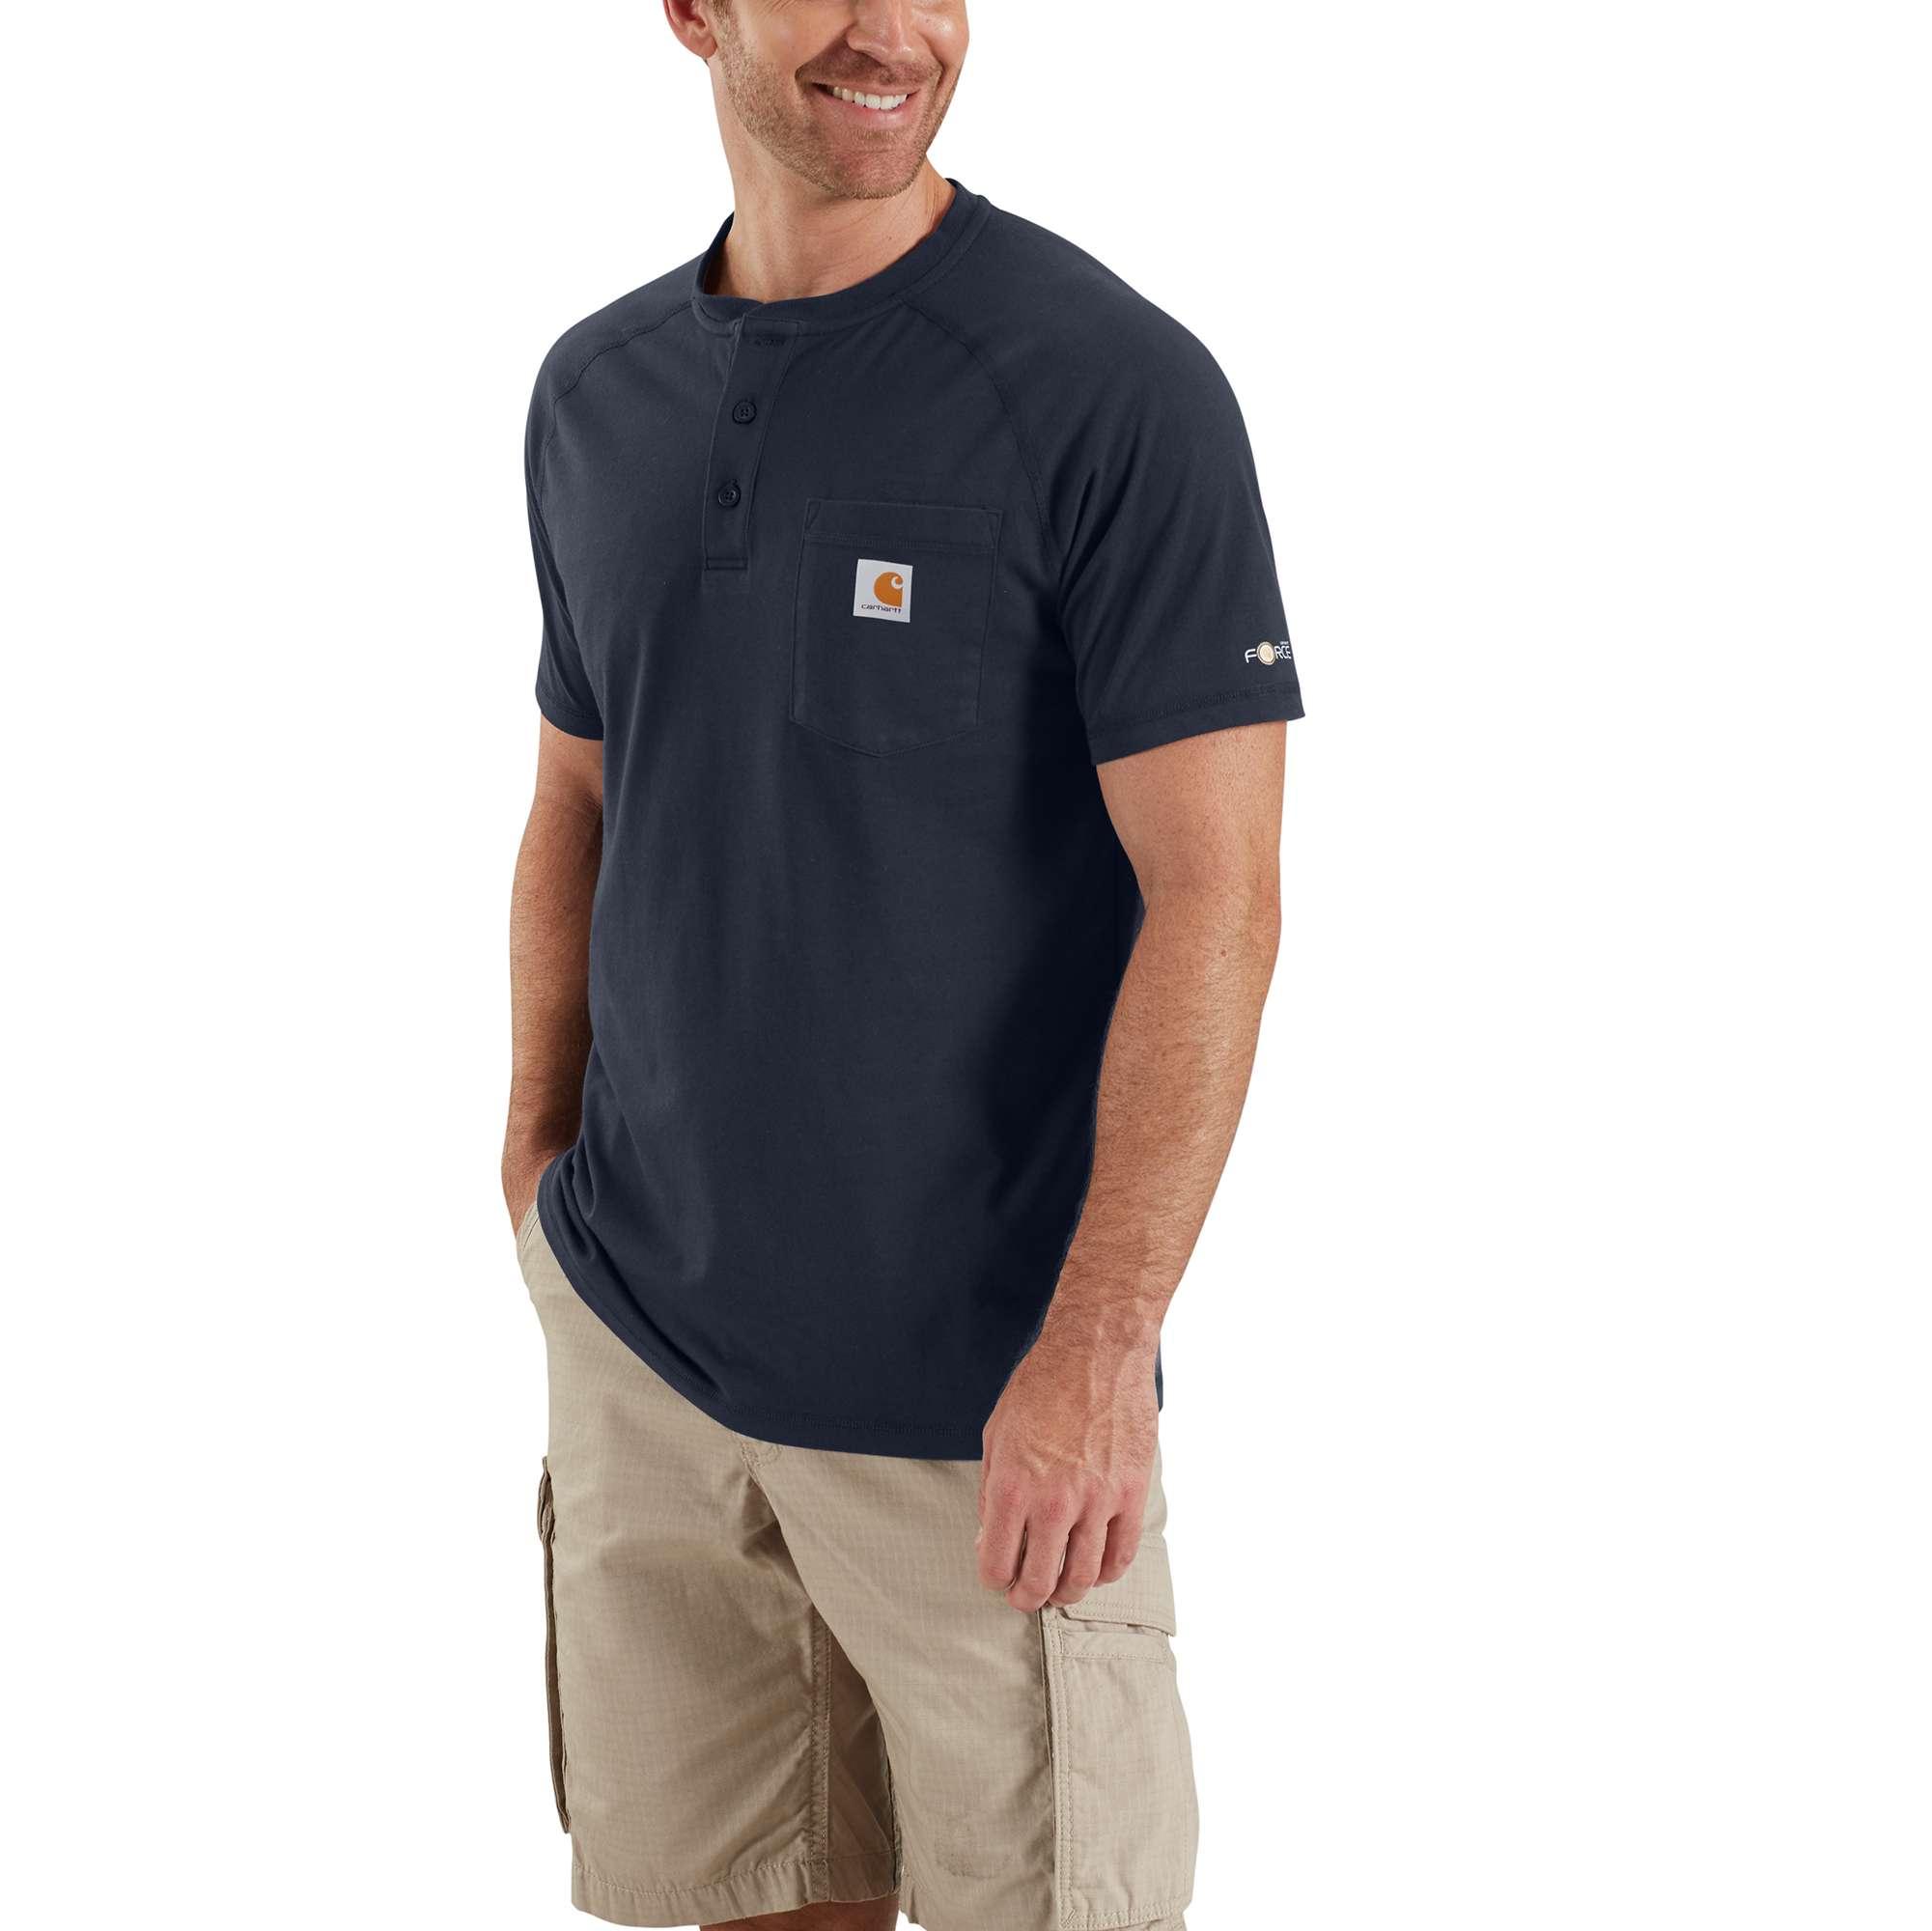 Carhartt Carhartt Force Cotton Delmont Short-sleeve Henley